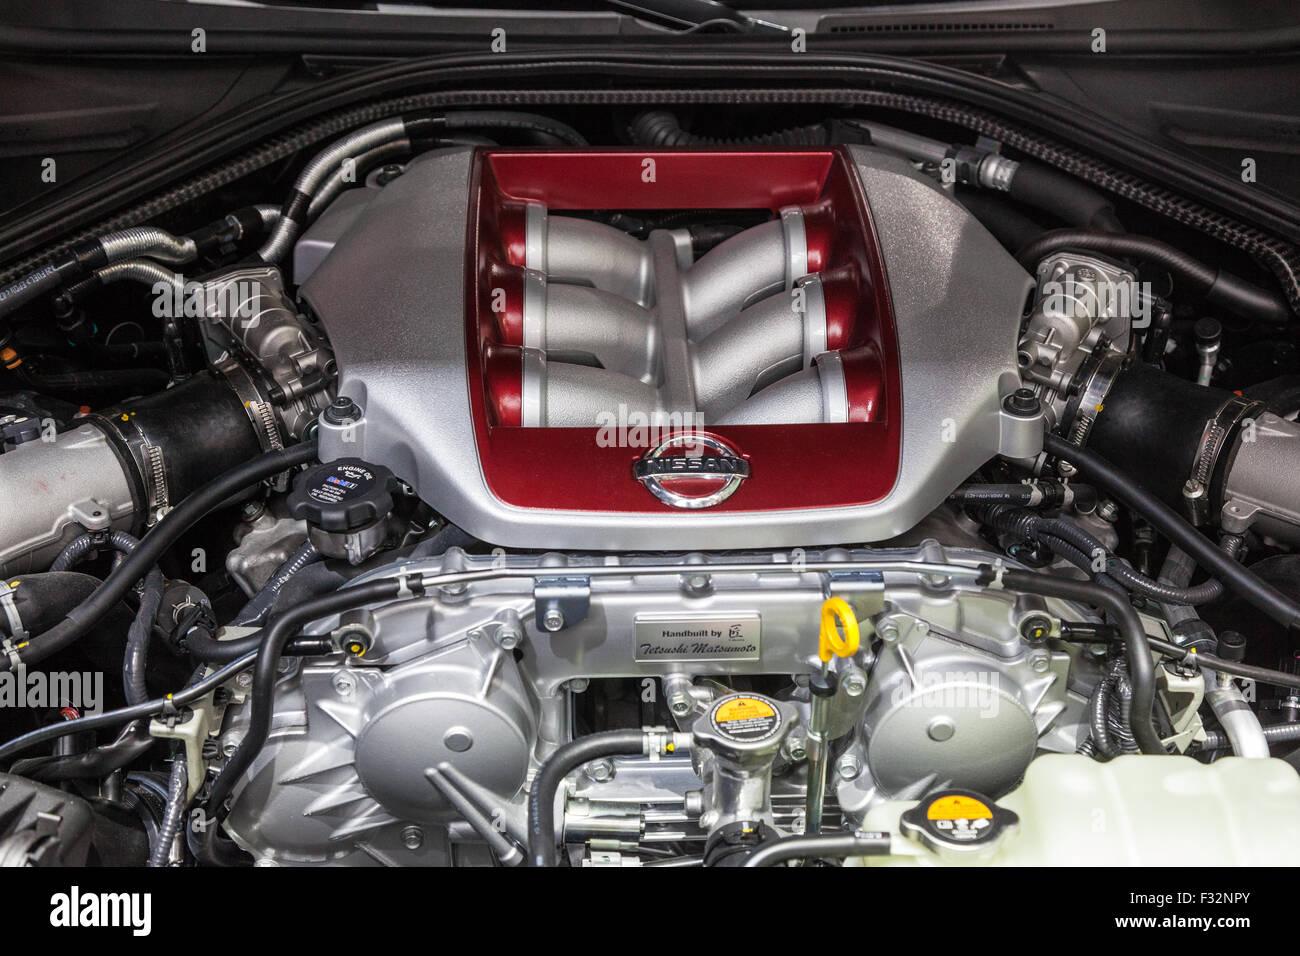 370z Nismo Engine | www.pixshark.com - Images Galleries ...